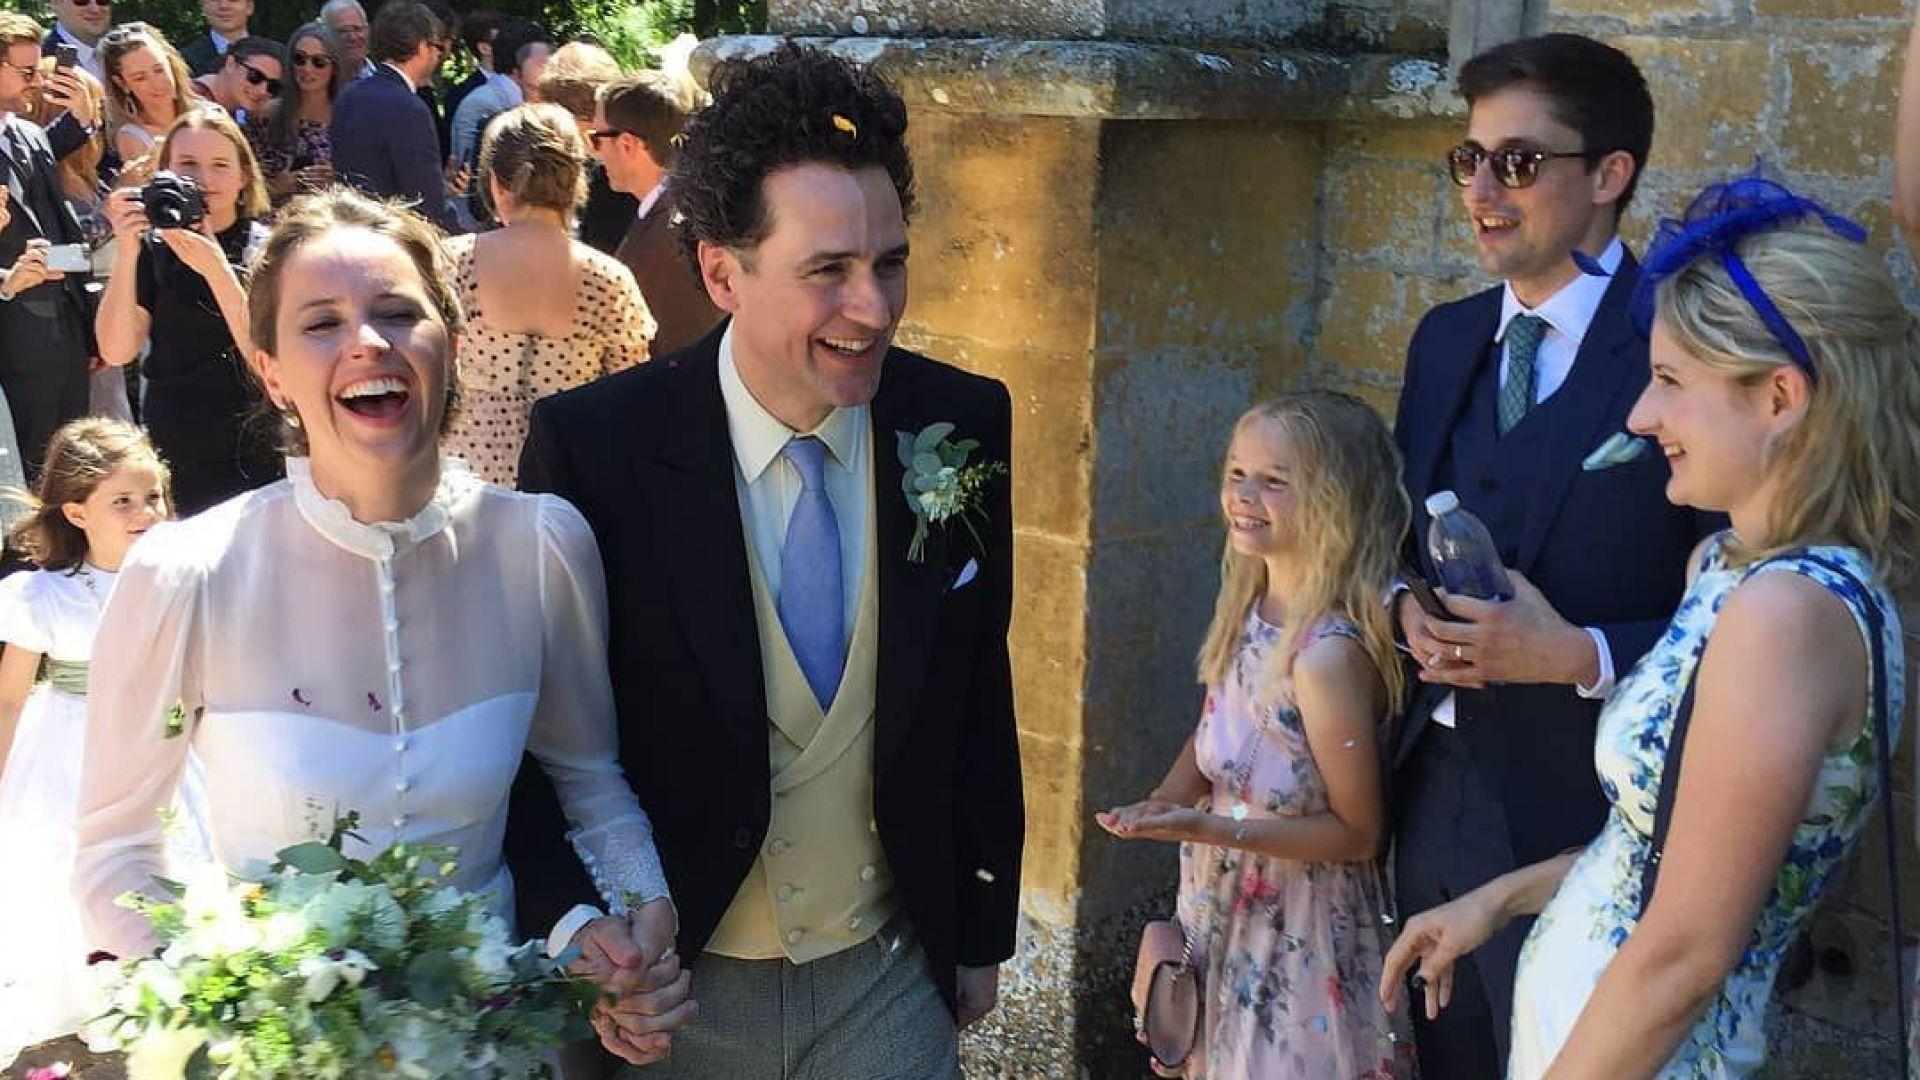 Фелисити Джоунс се омъжи в присъствието на Еди Редмейн и Том Ханкс (галерия)